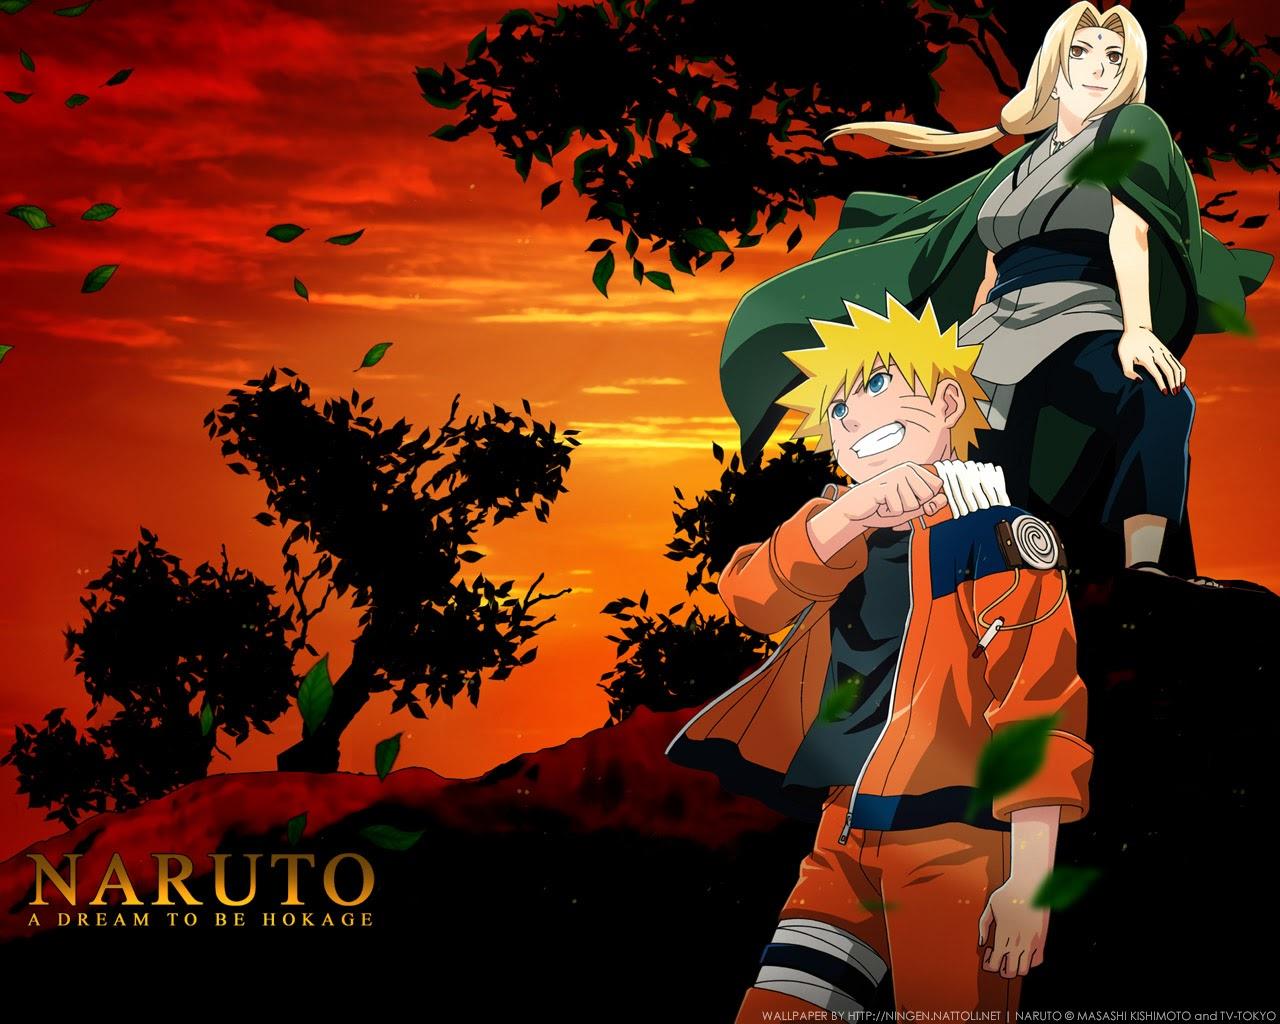 http://1.bp.blogspot.com/-cUAJFaiCGjo/T9SkUFkwH_I/AAAAAAAAFUw/3JqI1_0azQQ/s1600/Naruto-wallpaper-32.jpg